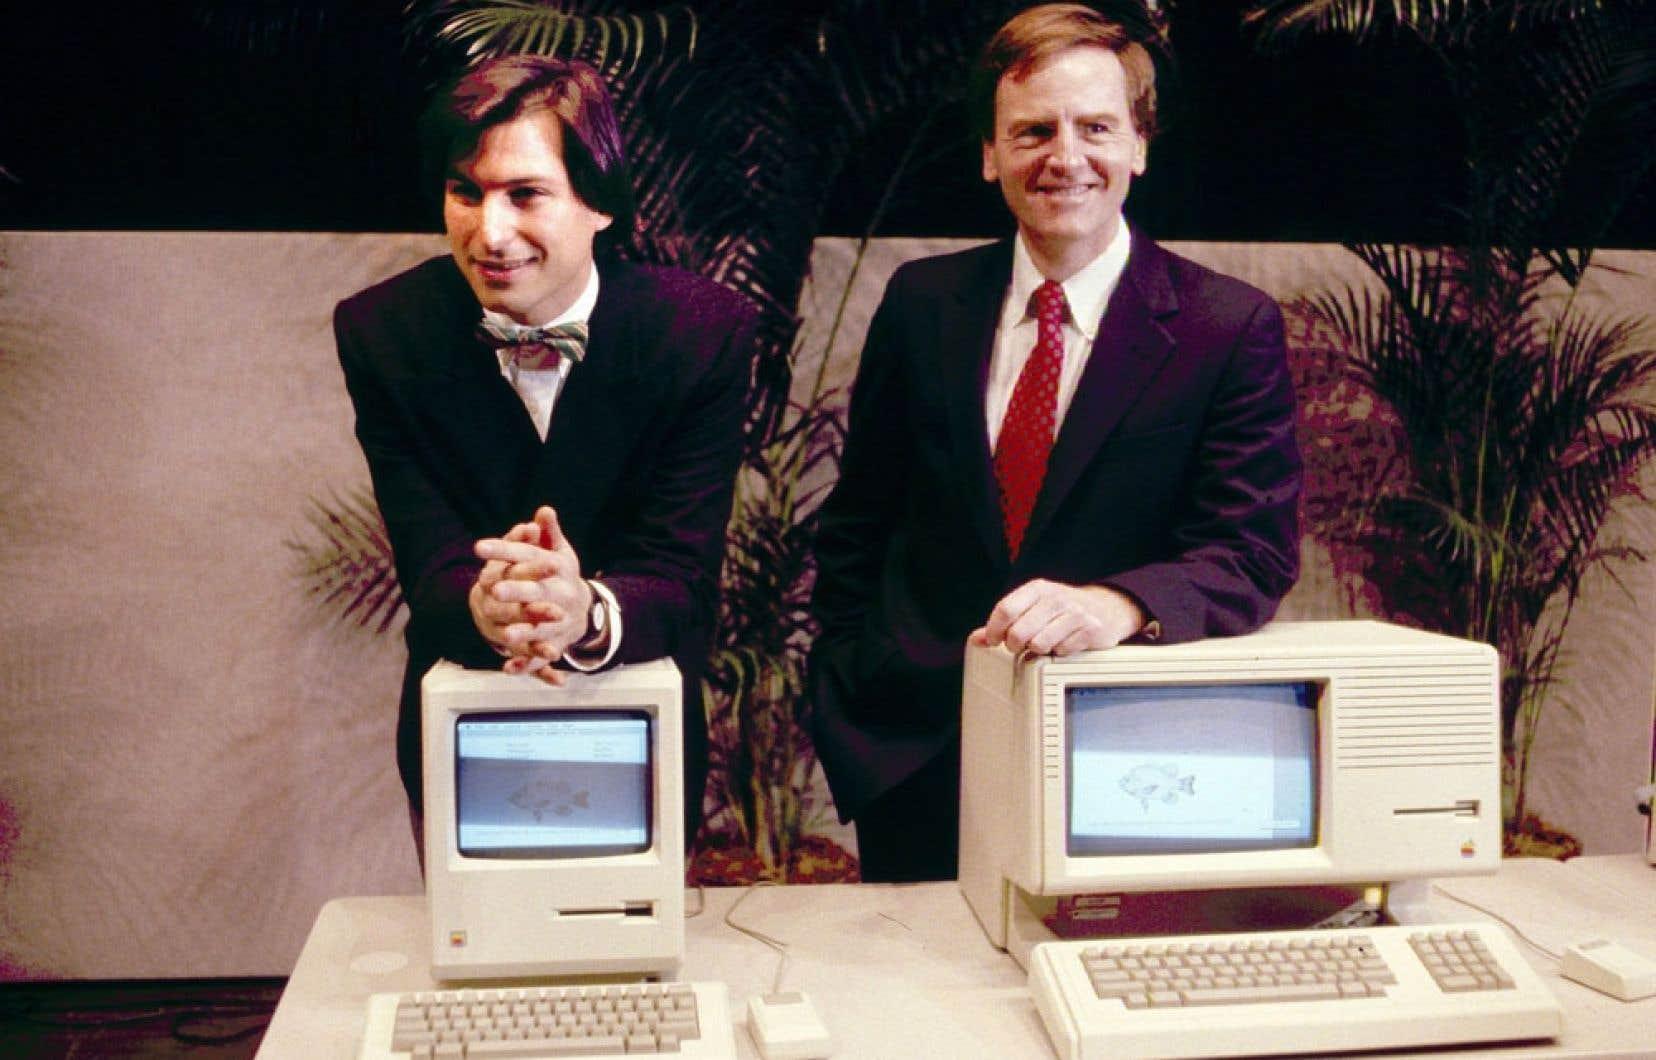 Le fondateur et ex-dirigeant d'Apple Steve Jobs, décédé en 2011, apparaît ci-dessus avec l'ex-président d'Apple John Sculley présentant les premiers «Macintosh Desktop Computers» en 1984.